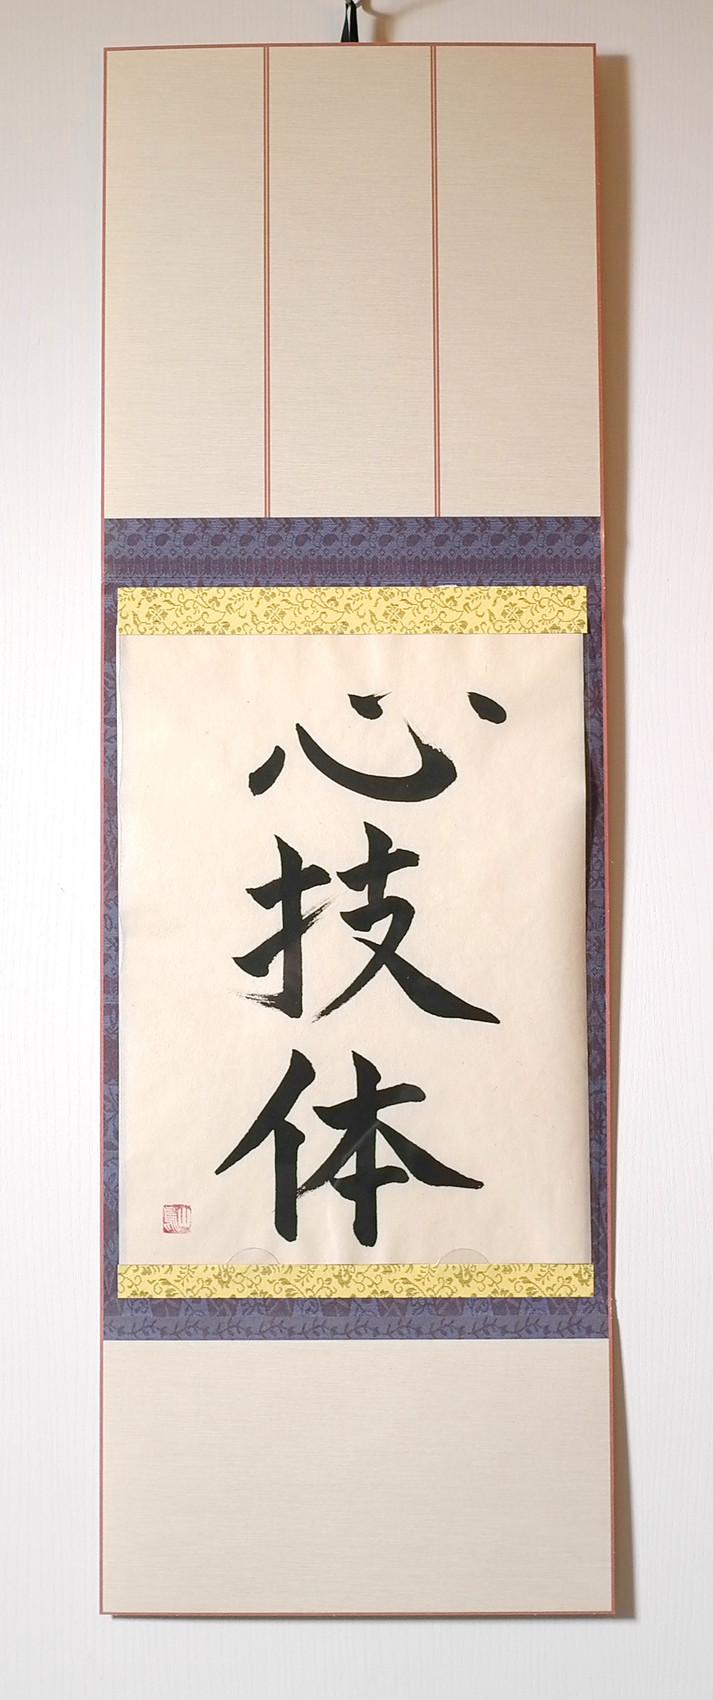 """""""Shin Gi Tai"""" L'esprit, la tecnique, le corps"""